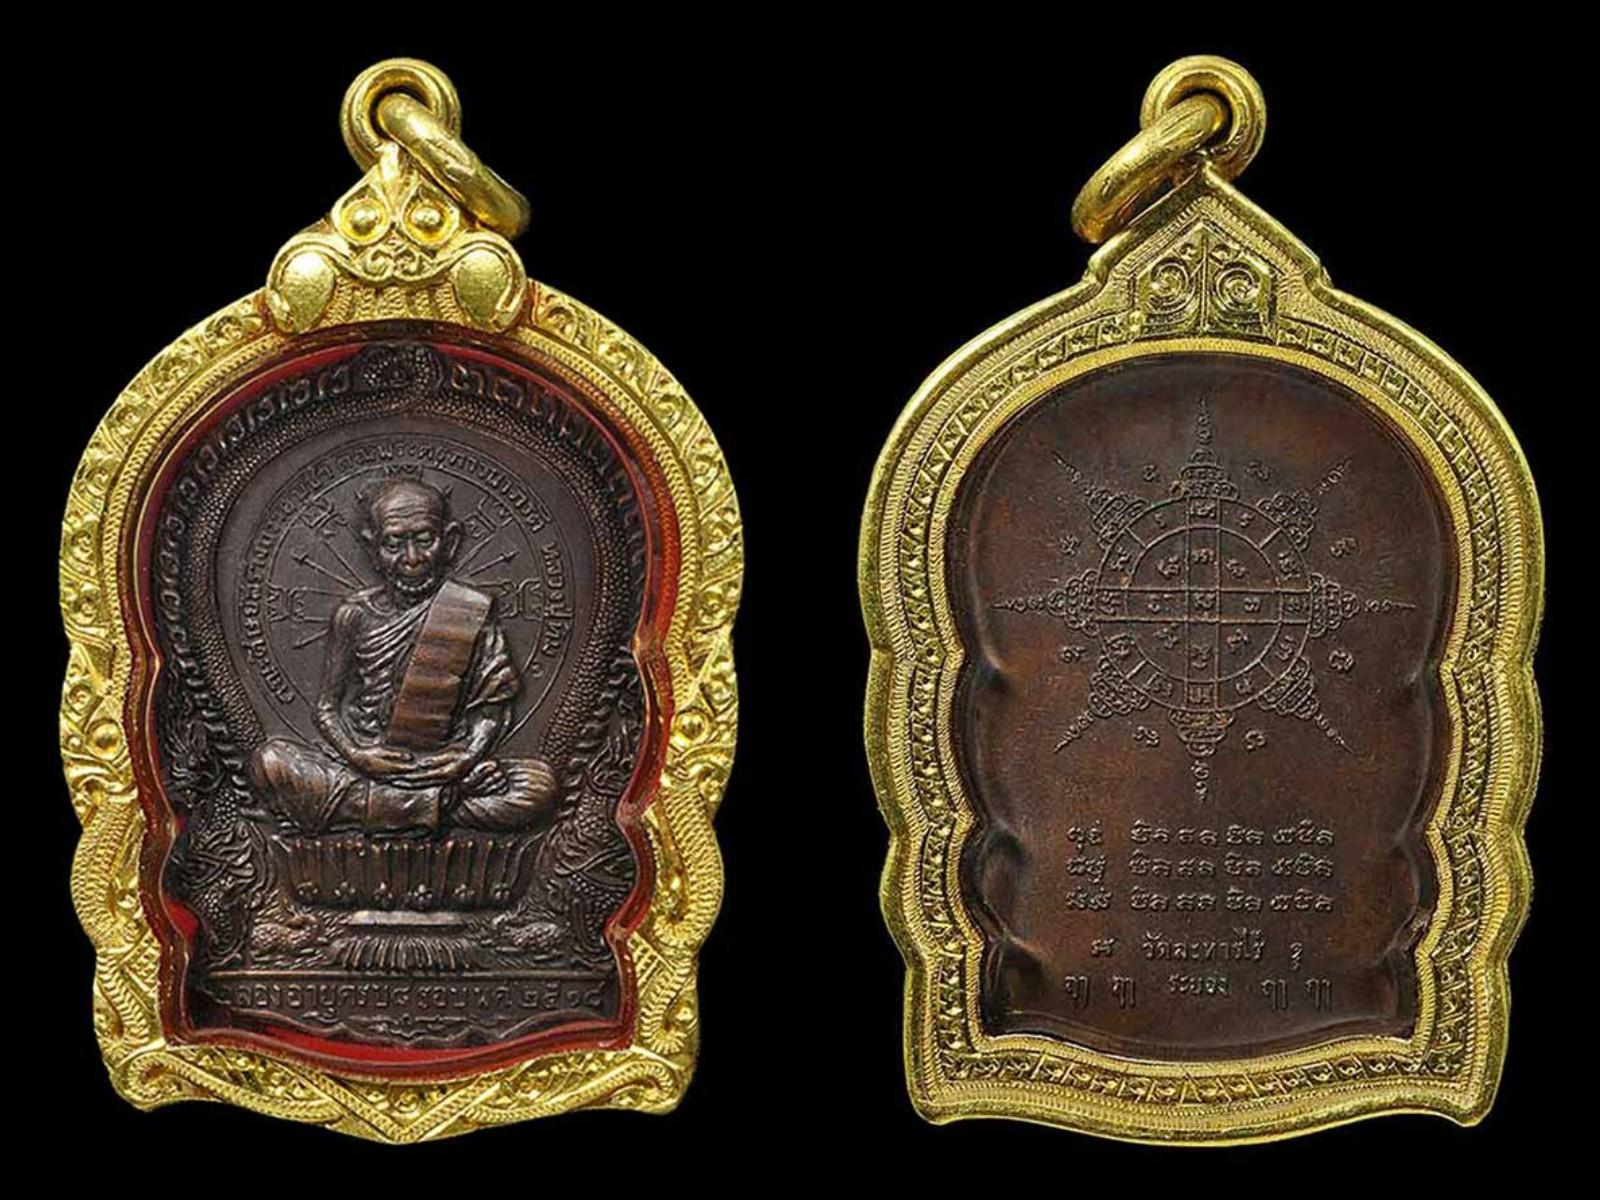 เหรียญนั่งพาน เหรียญหยดน้ำ หลวงปู่ทิม วัดละหารไร่ ปี 2518 1